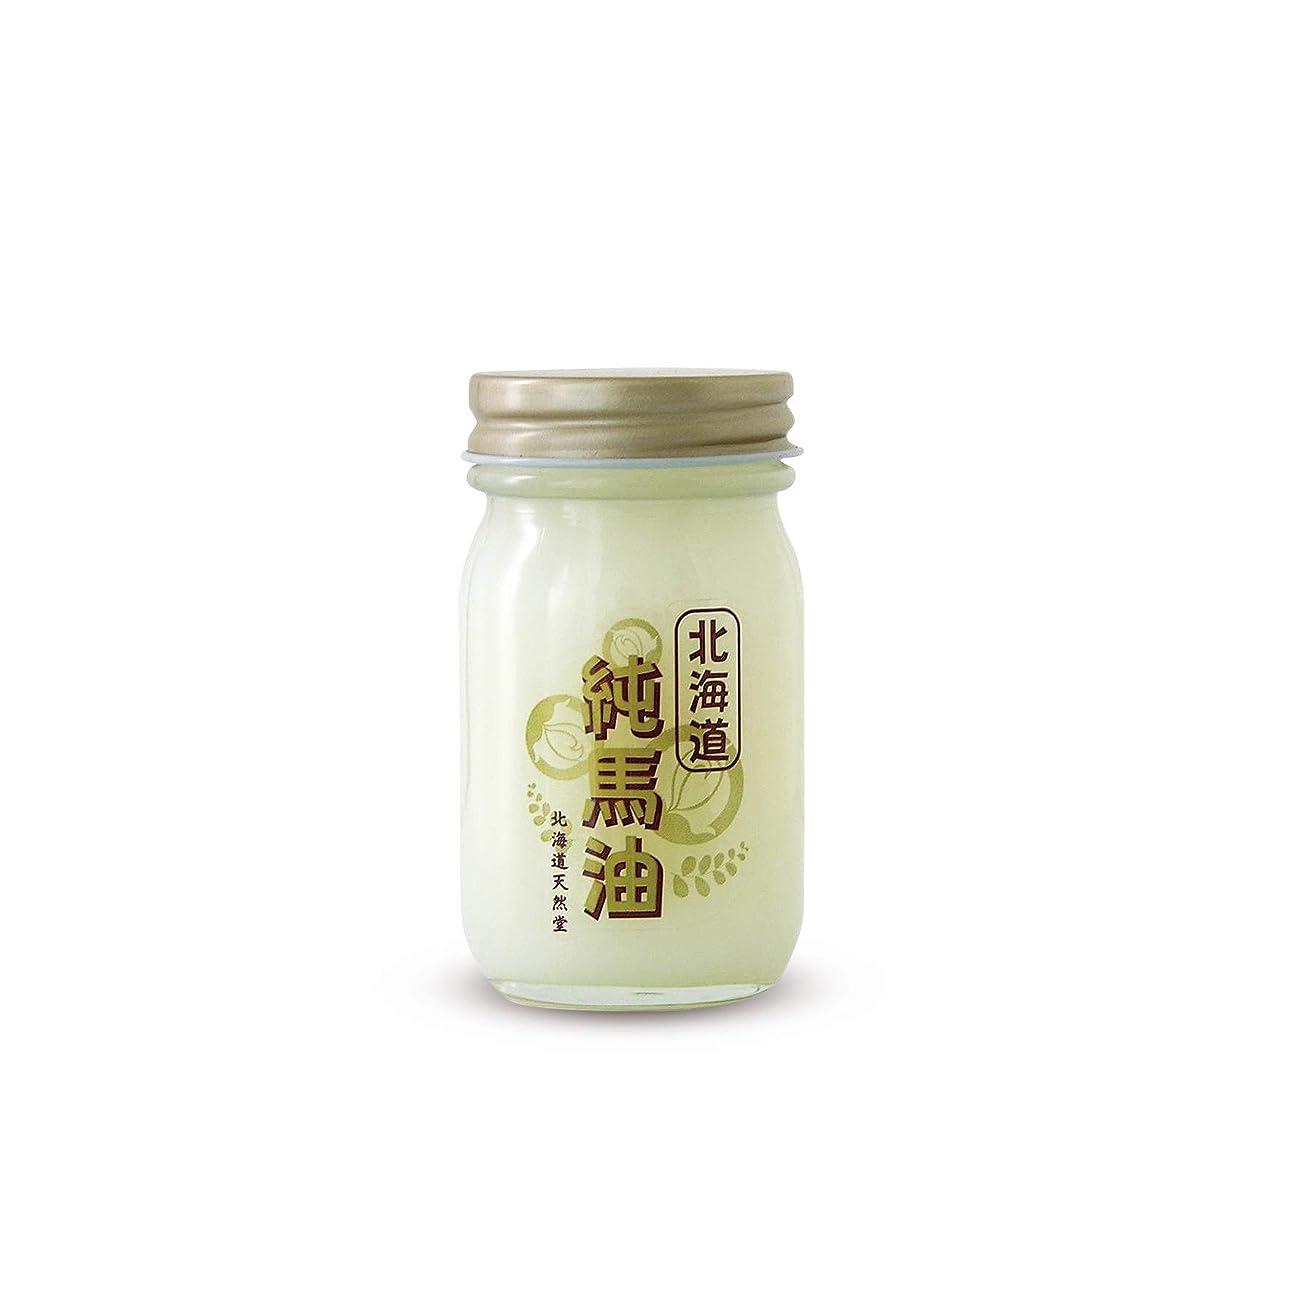 レイア選択するピーク純馬油 70ml 【国内限定】/ 北海道天然堂